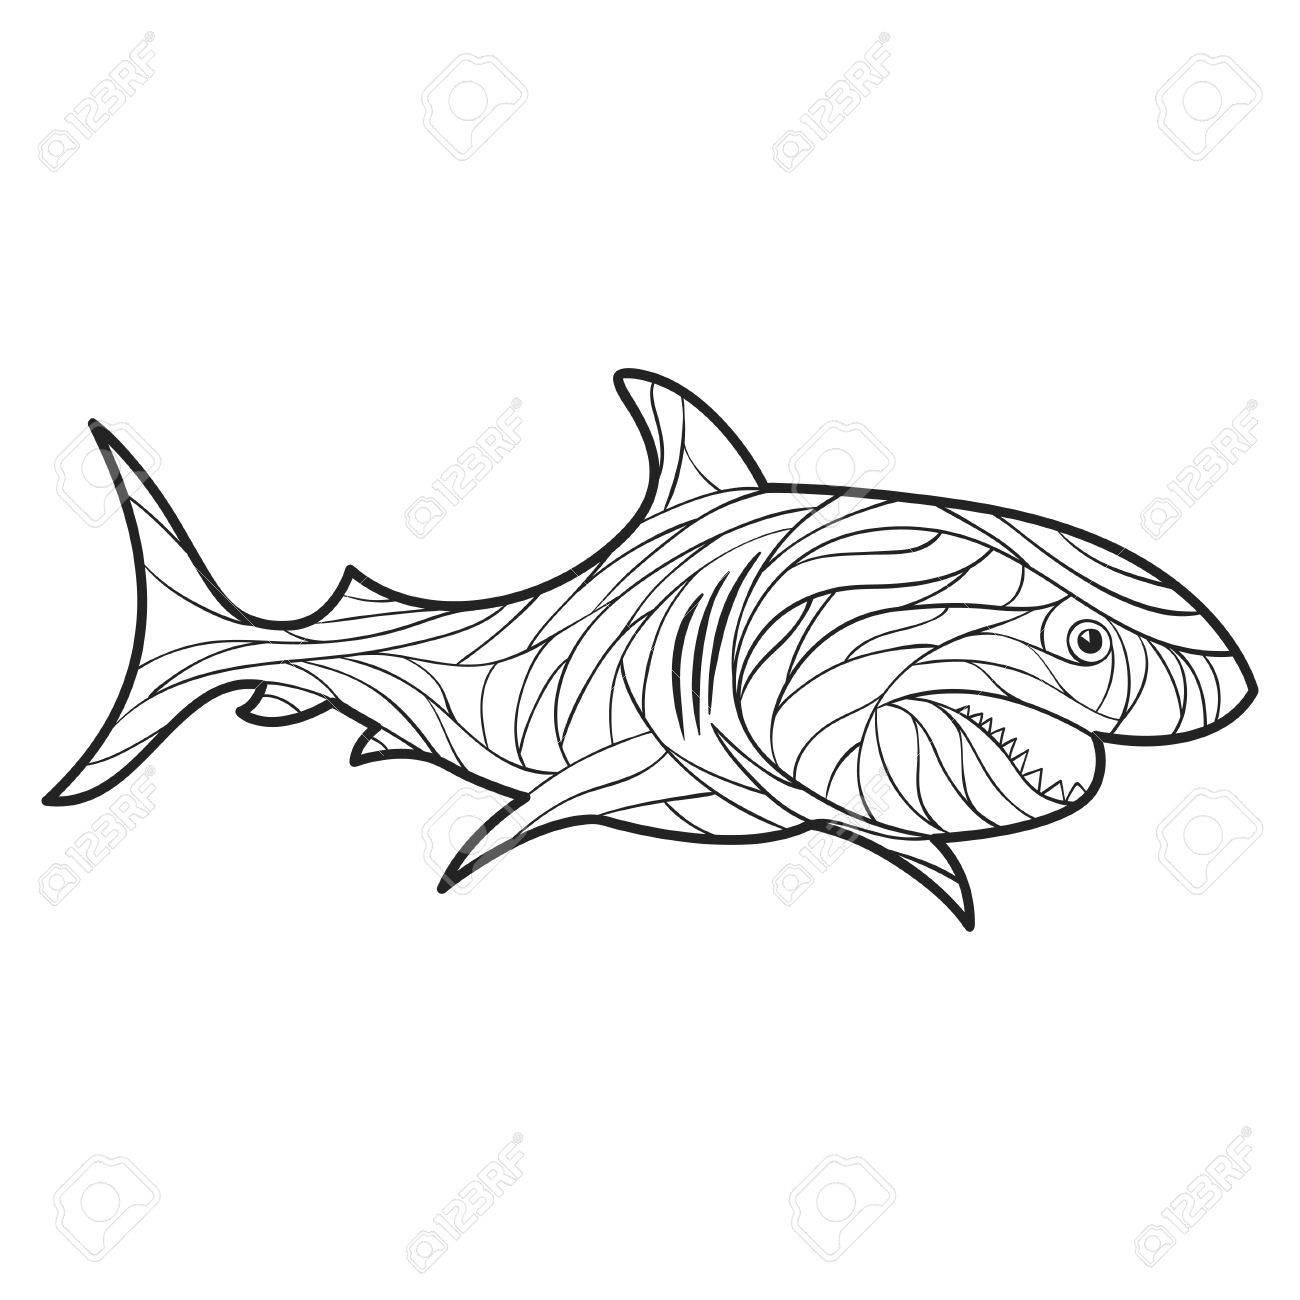 Vectorial Blanco Y Negro Dibujado A Mano Ilustración De Tiburón ...